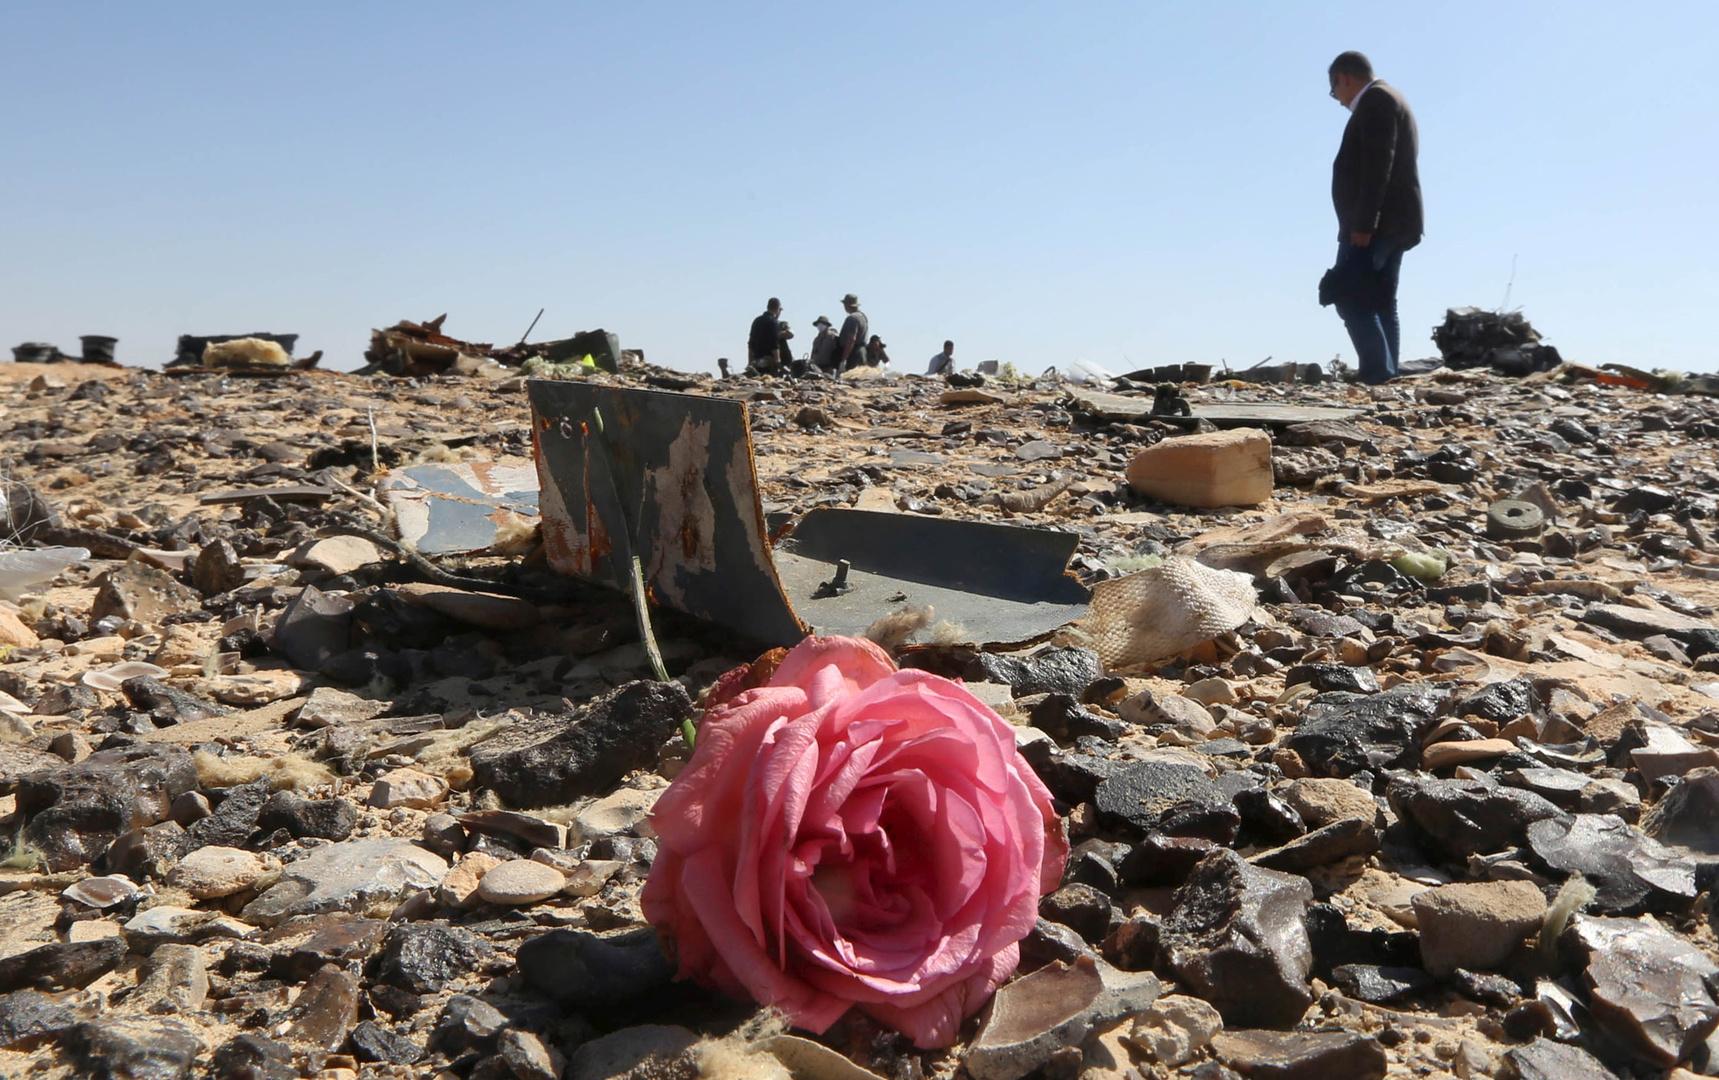 الذكرى الخامسة لمأساة تحطم طائرة الركاب الروسية في سيناء